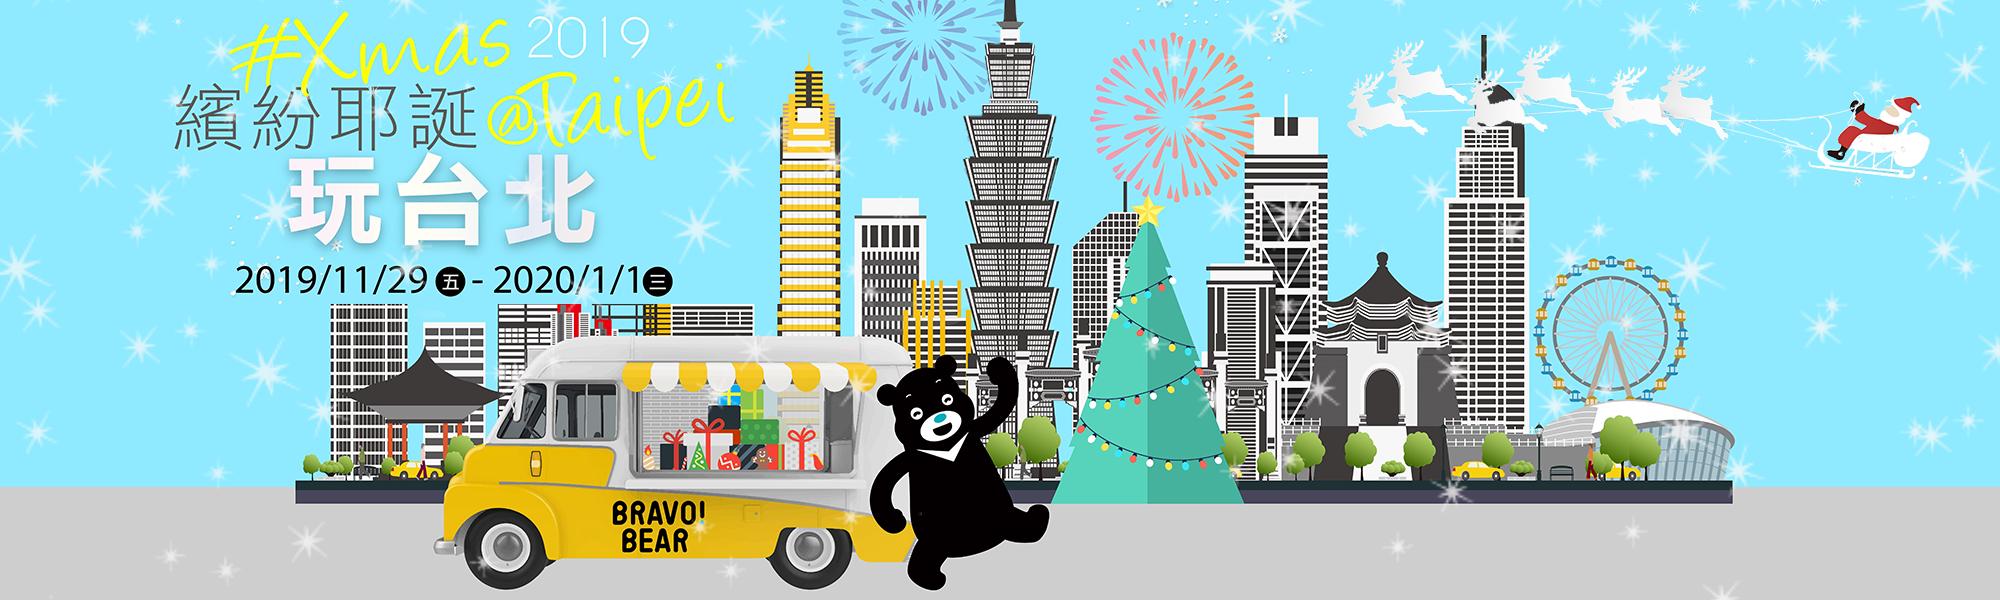 2019繽紛耶誕玩台北,熊讚陪你過耶誕! 串連簡單生活節,就是要讓今年冬天很精彩!